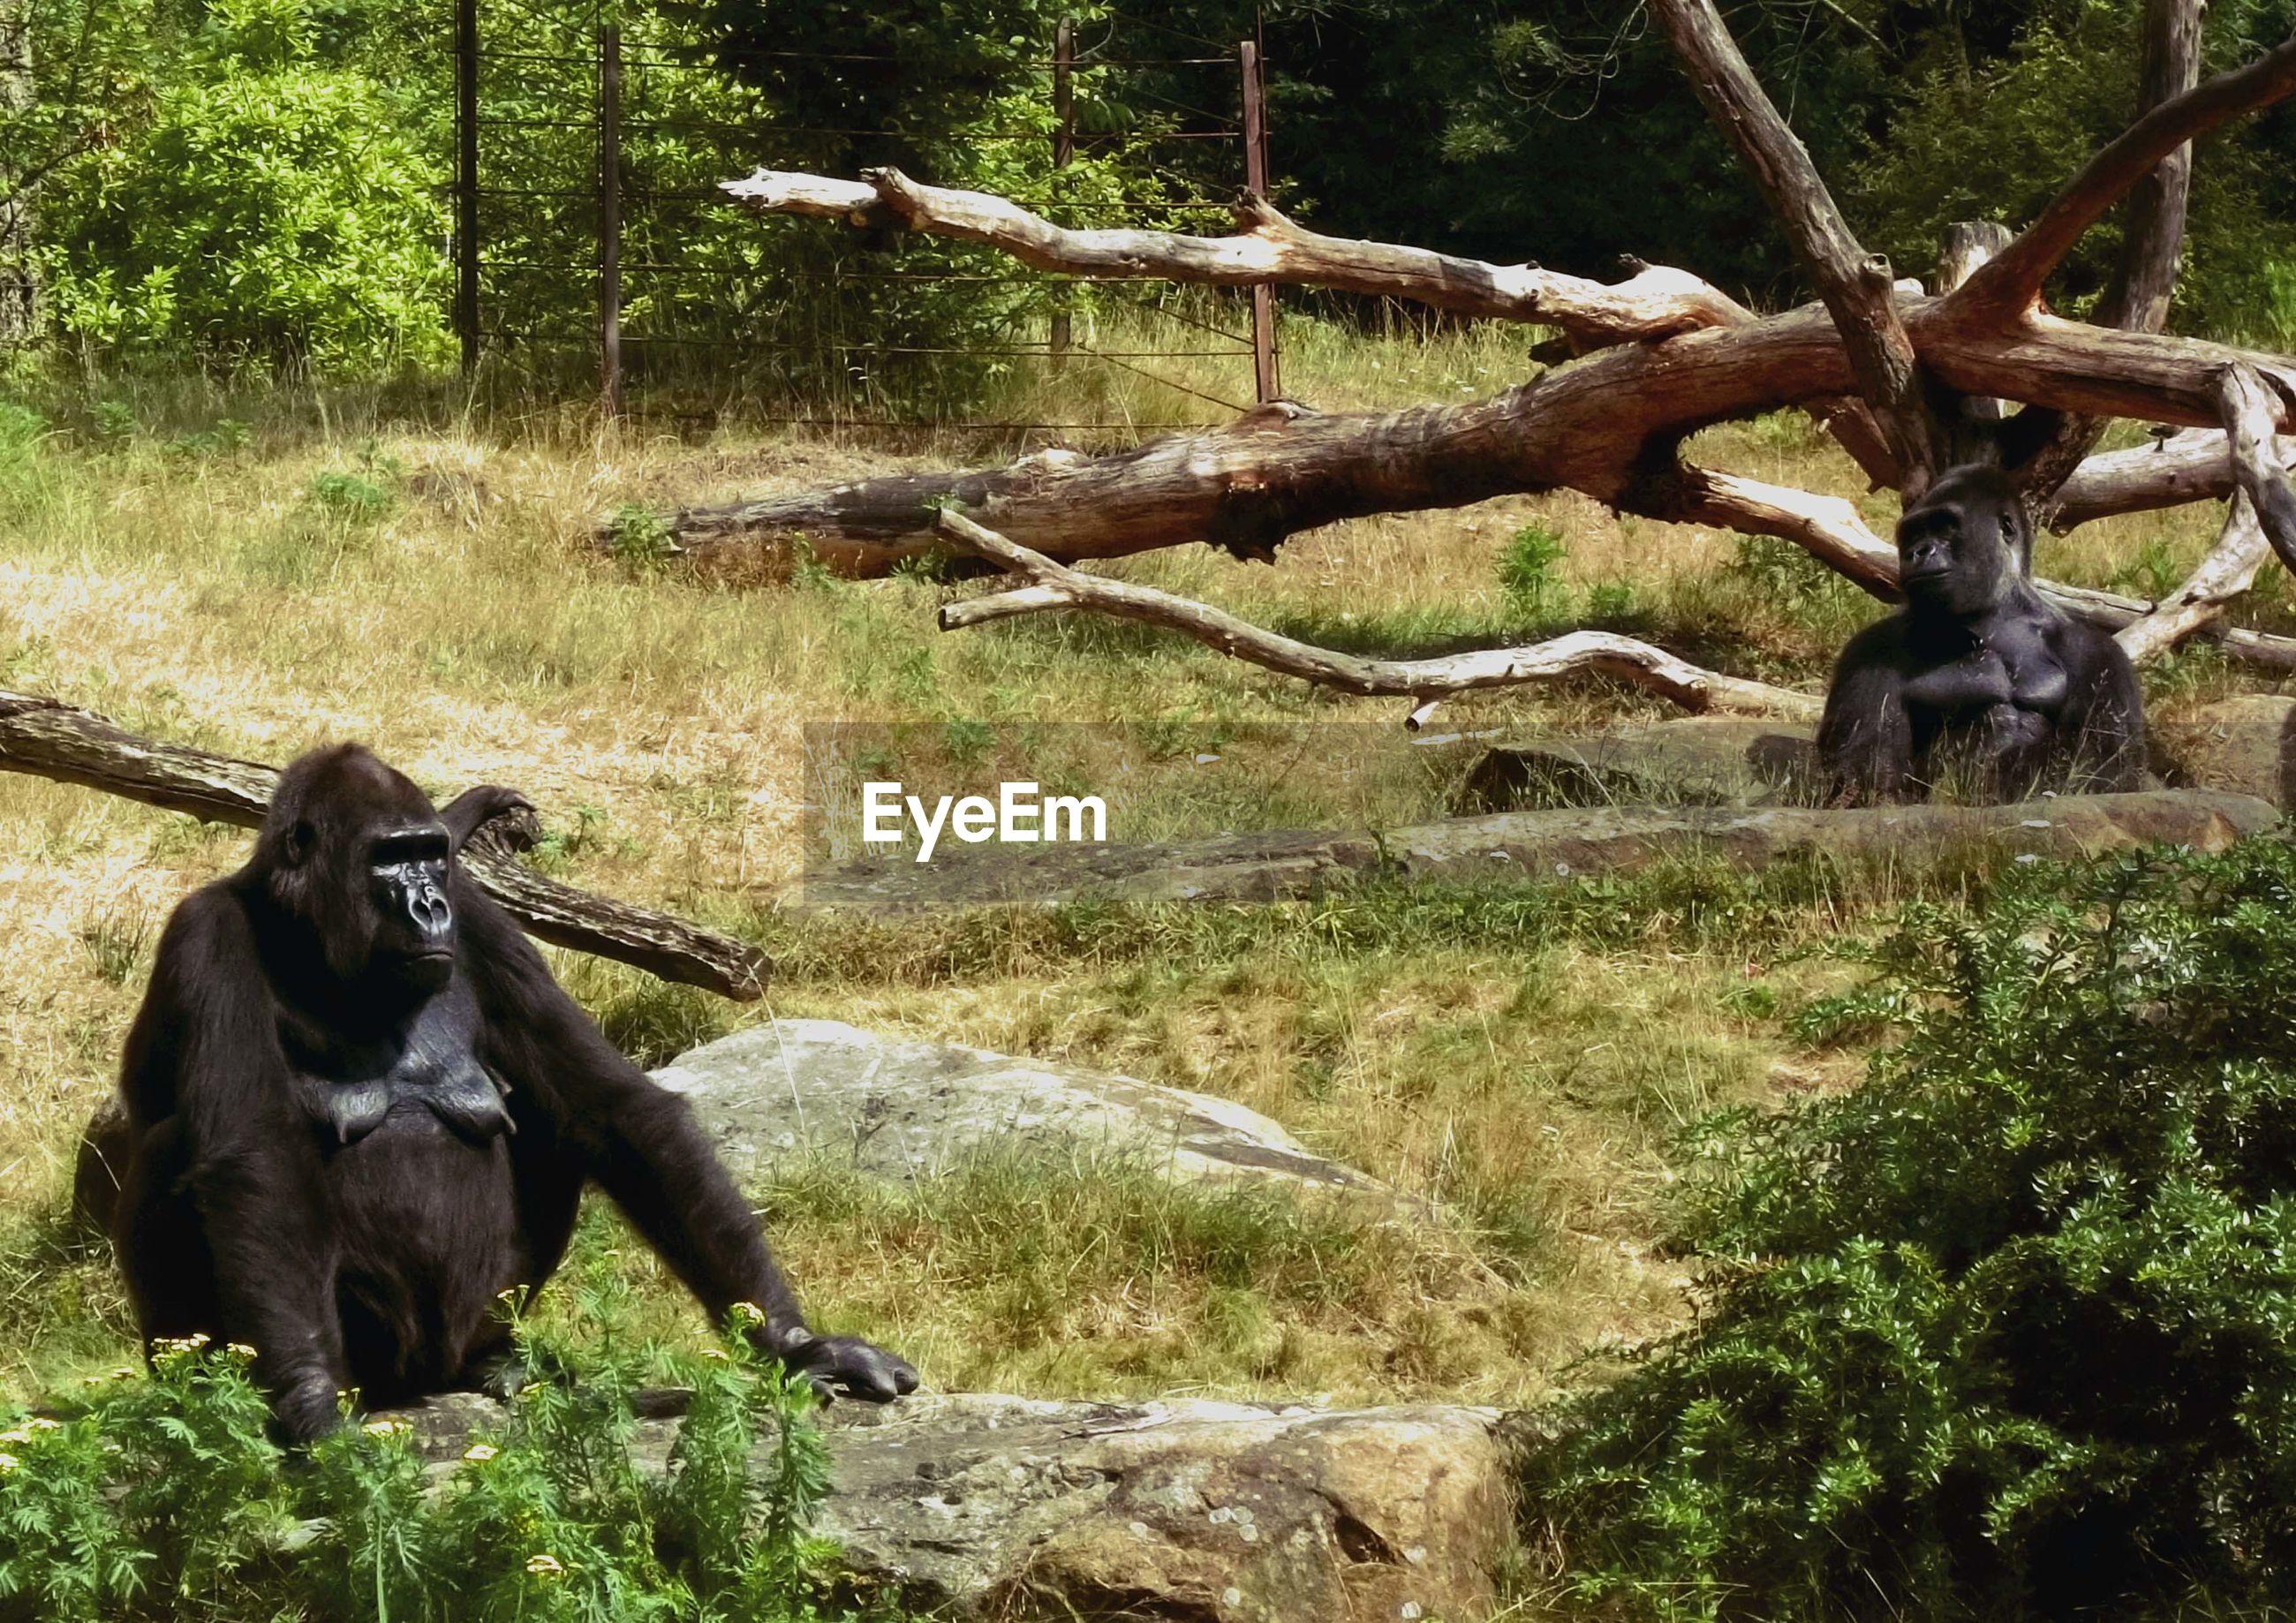 Gorillas sitting on grassland